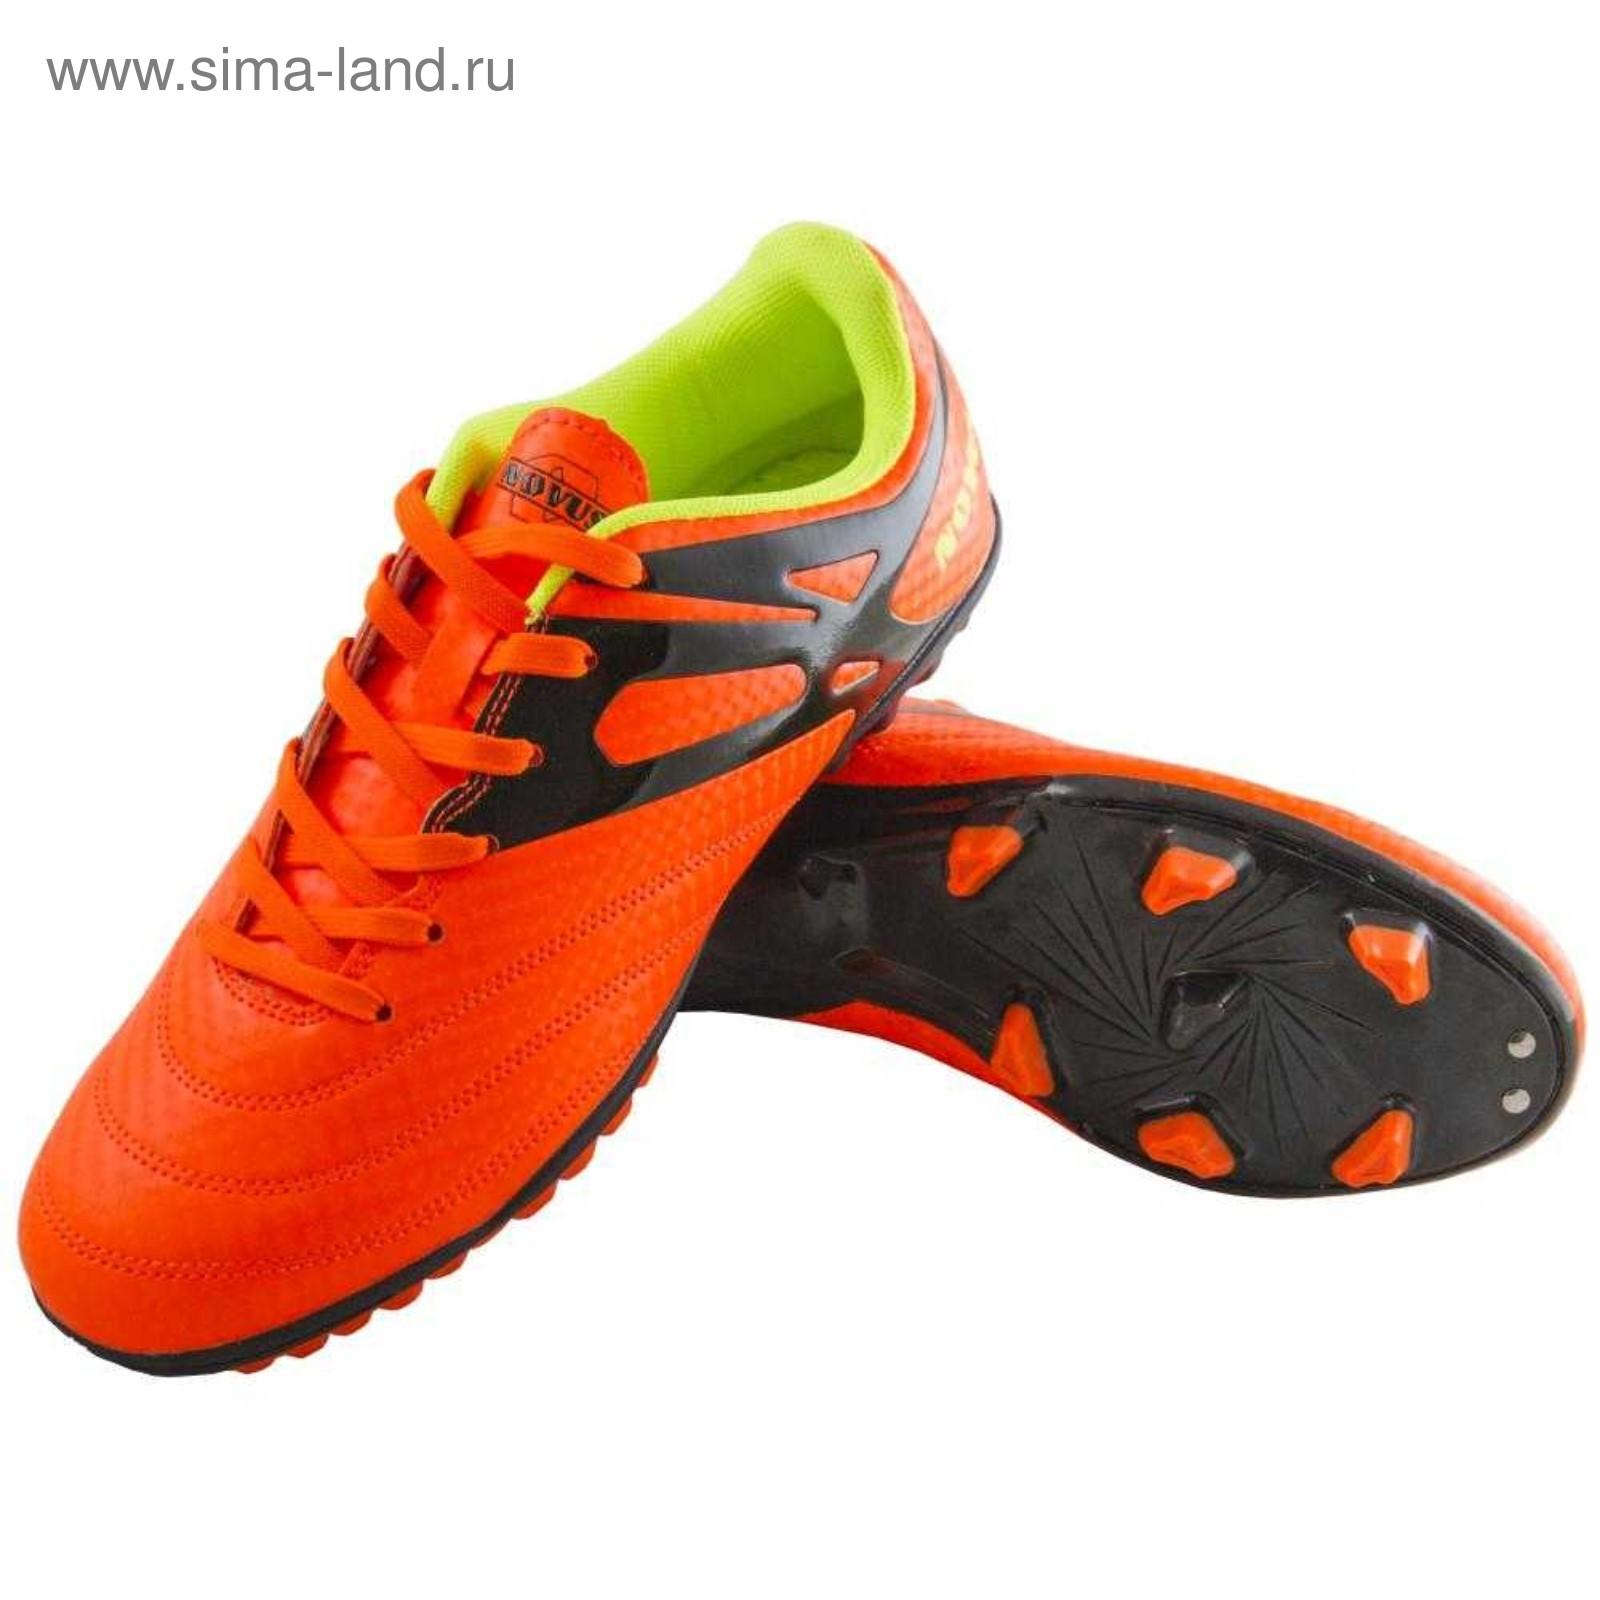 fc137e18 Футбольные бутсы Novus, цвет оранжевый, размер 30 (3843793) - Купить ...